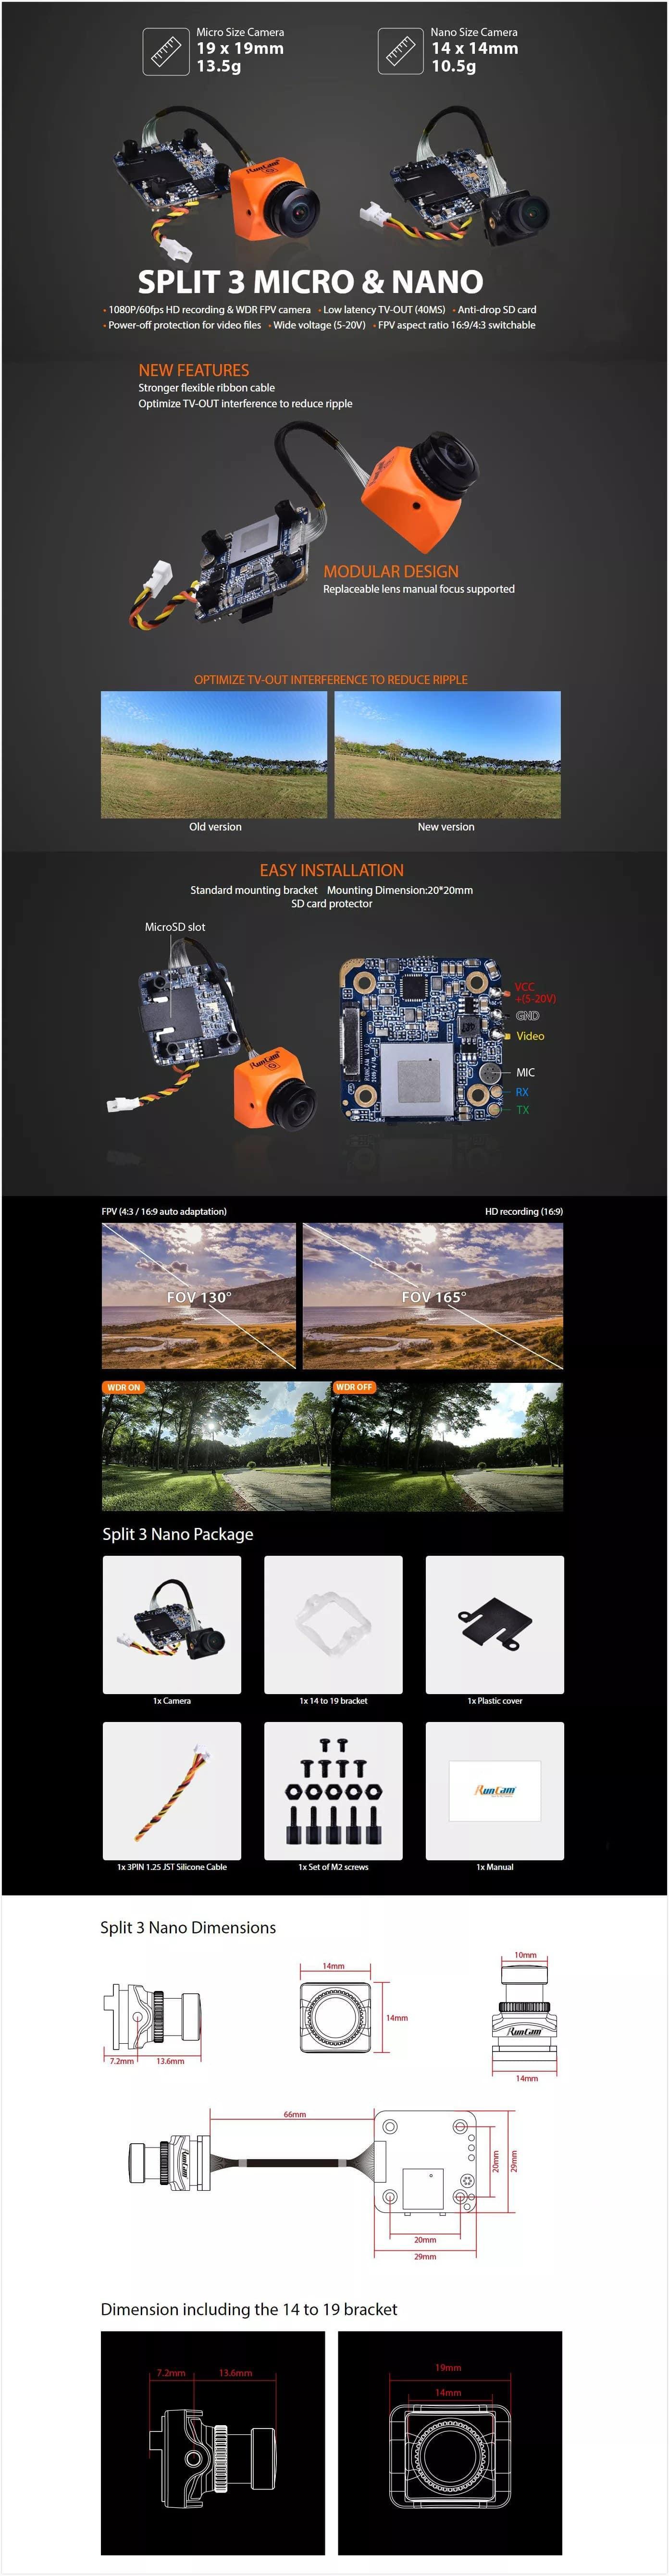 Runcam Split 3 (Nano/Micro) 1080p Low Latency FPV camera spec